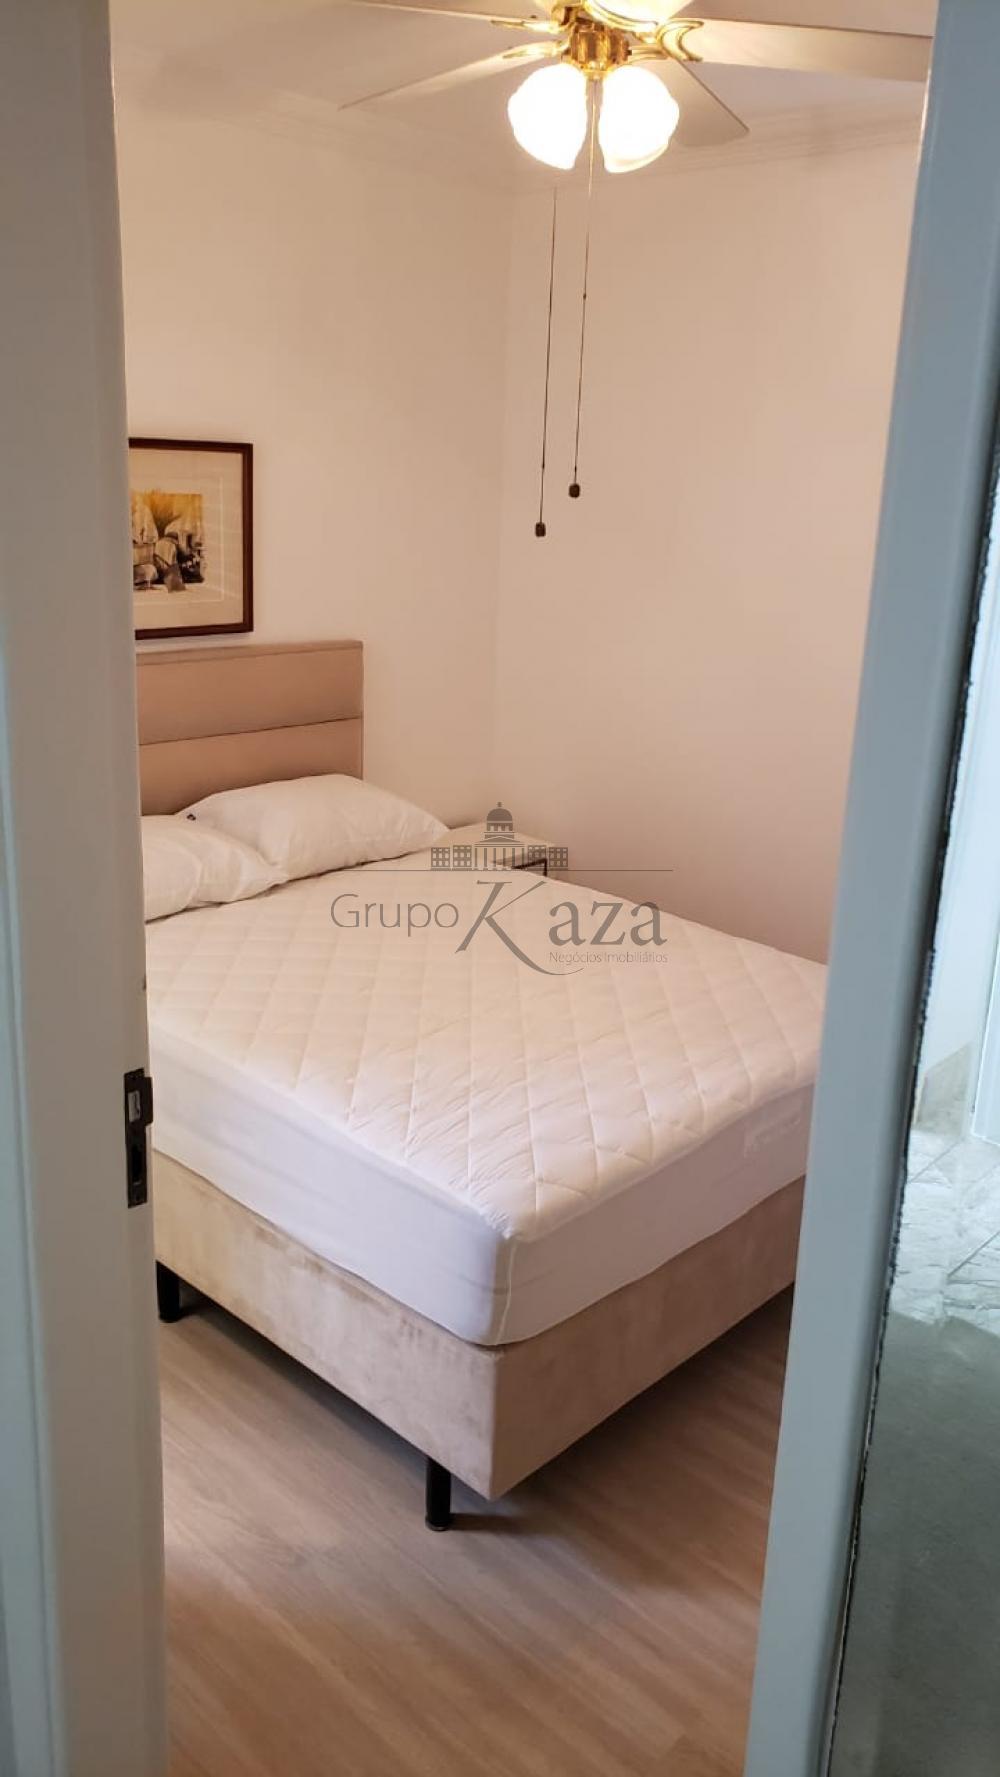 Alugar Apartamento / Padrão em São José dos Campos R$ 1.944,00 - Foto 9